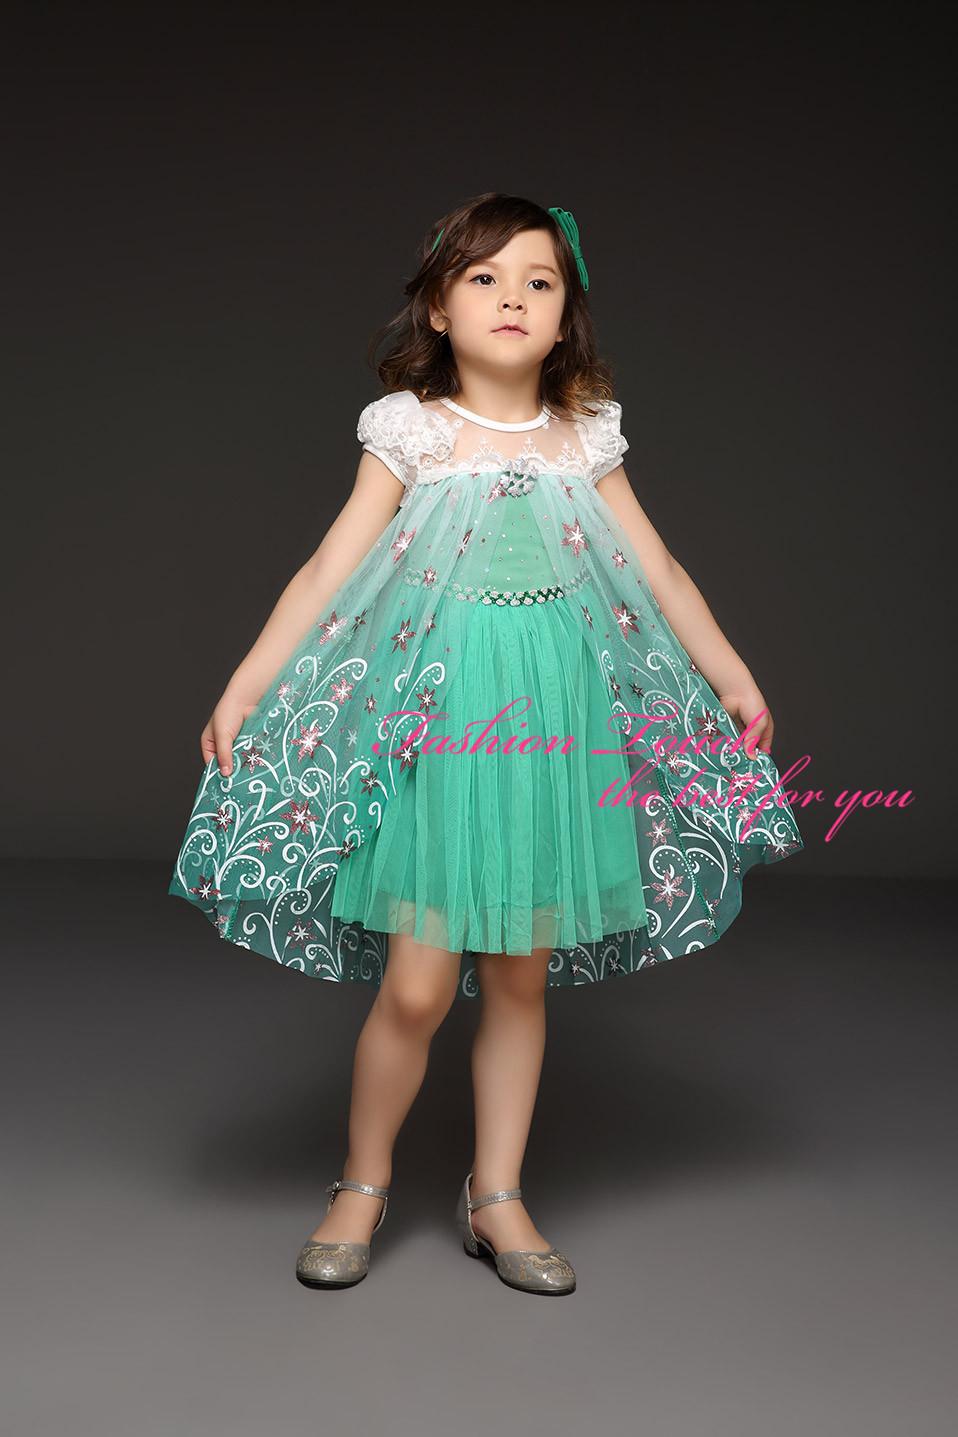 girls summer dresses on sale - Dress Yp